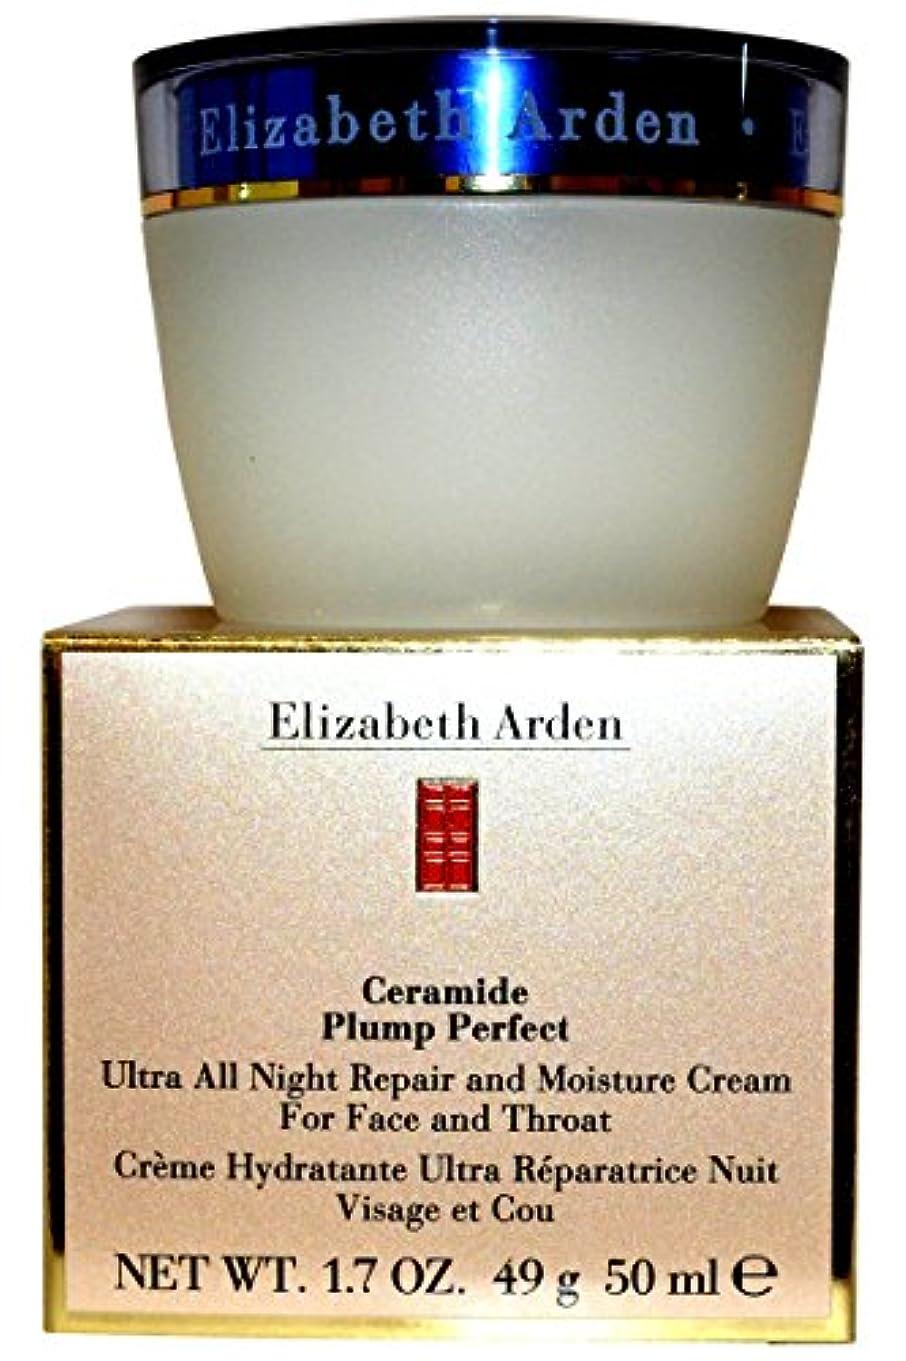 エリザベスアーデン セラミドリフト&ファームナイトクリーム 50ml 50ml/1.7oz